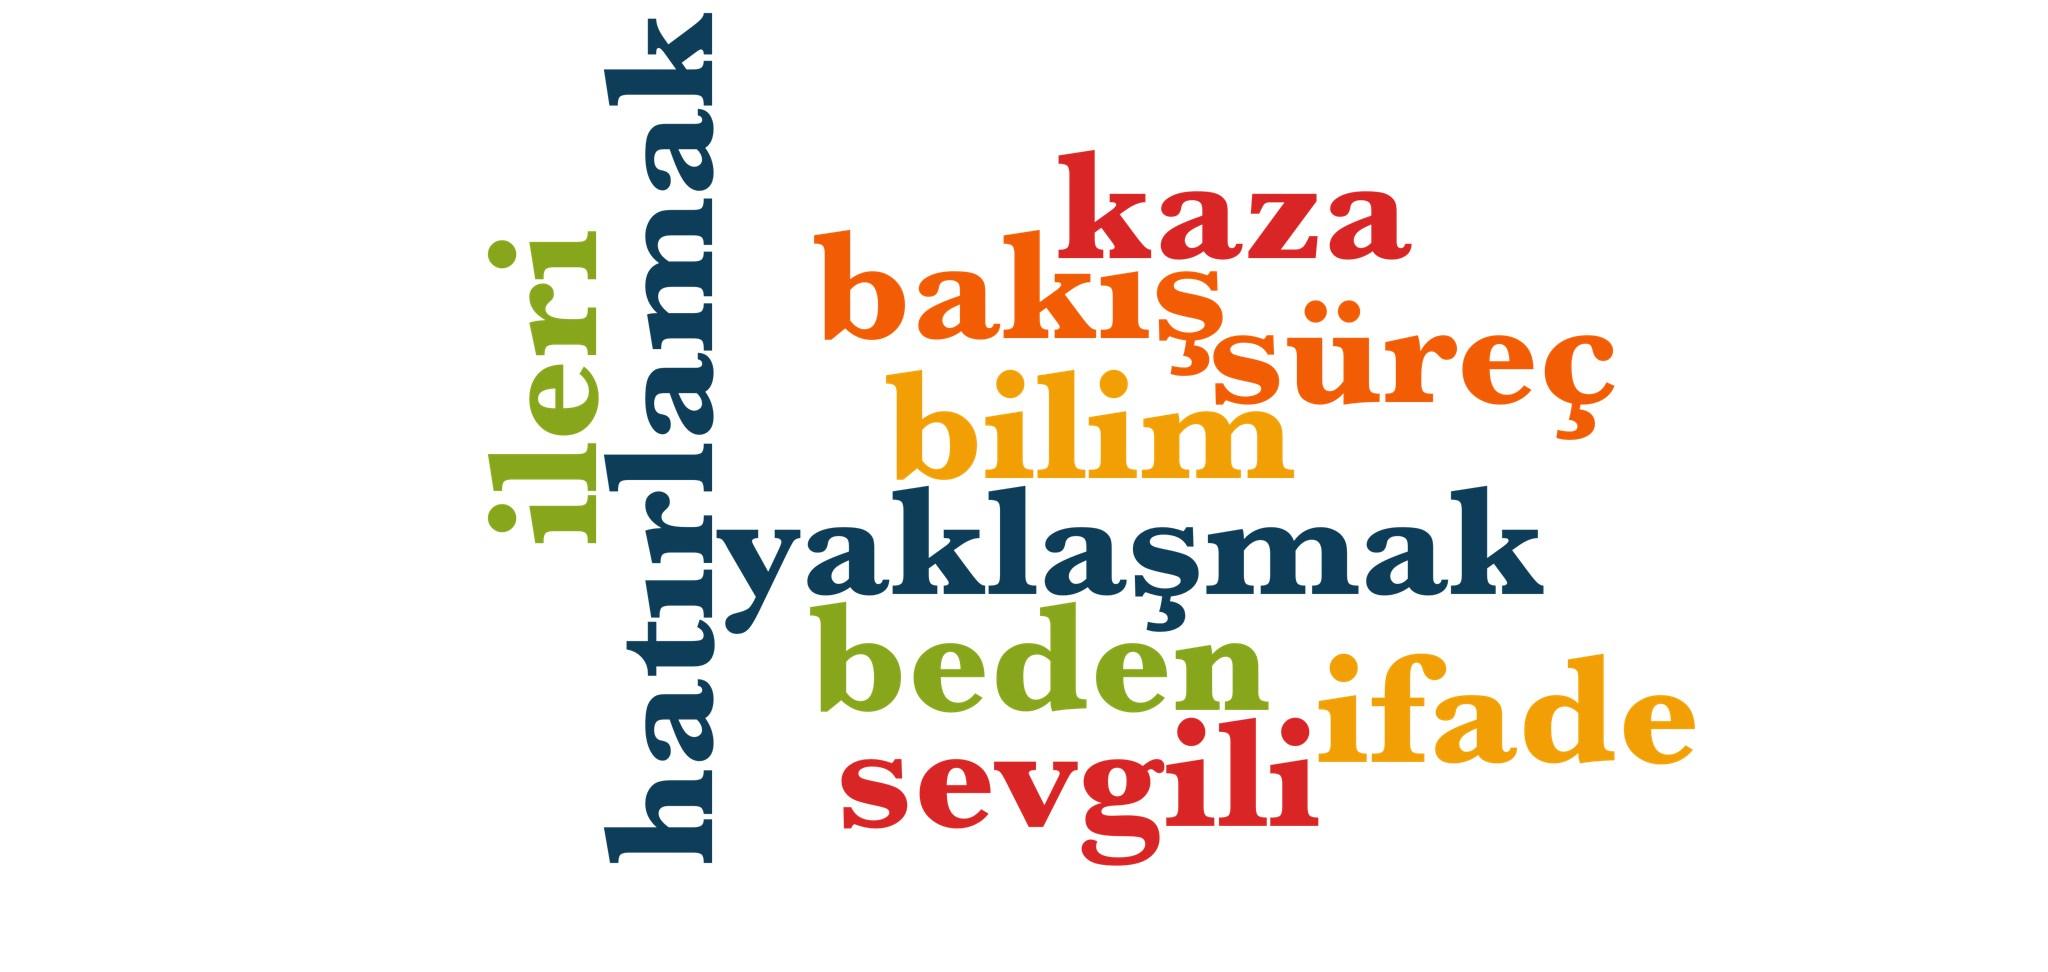 Wörter 631 bis 640 der 1000 häufigsten Wörter der türkischen Sprache